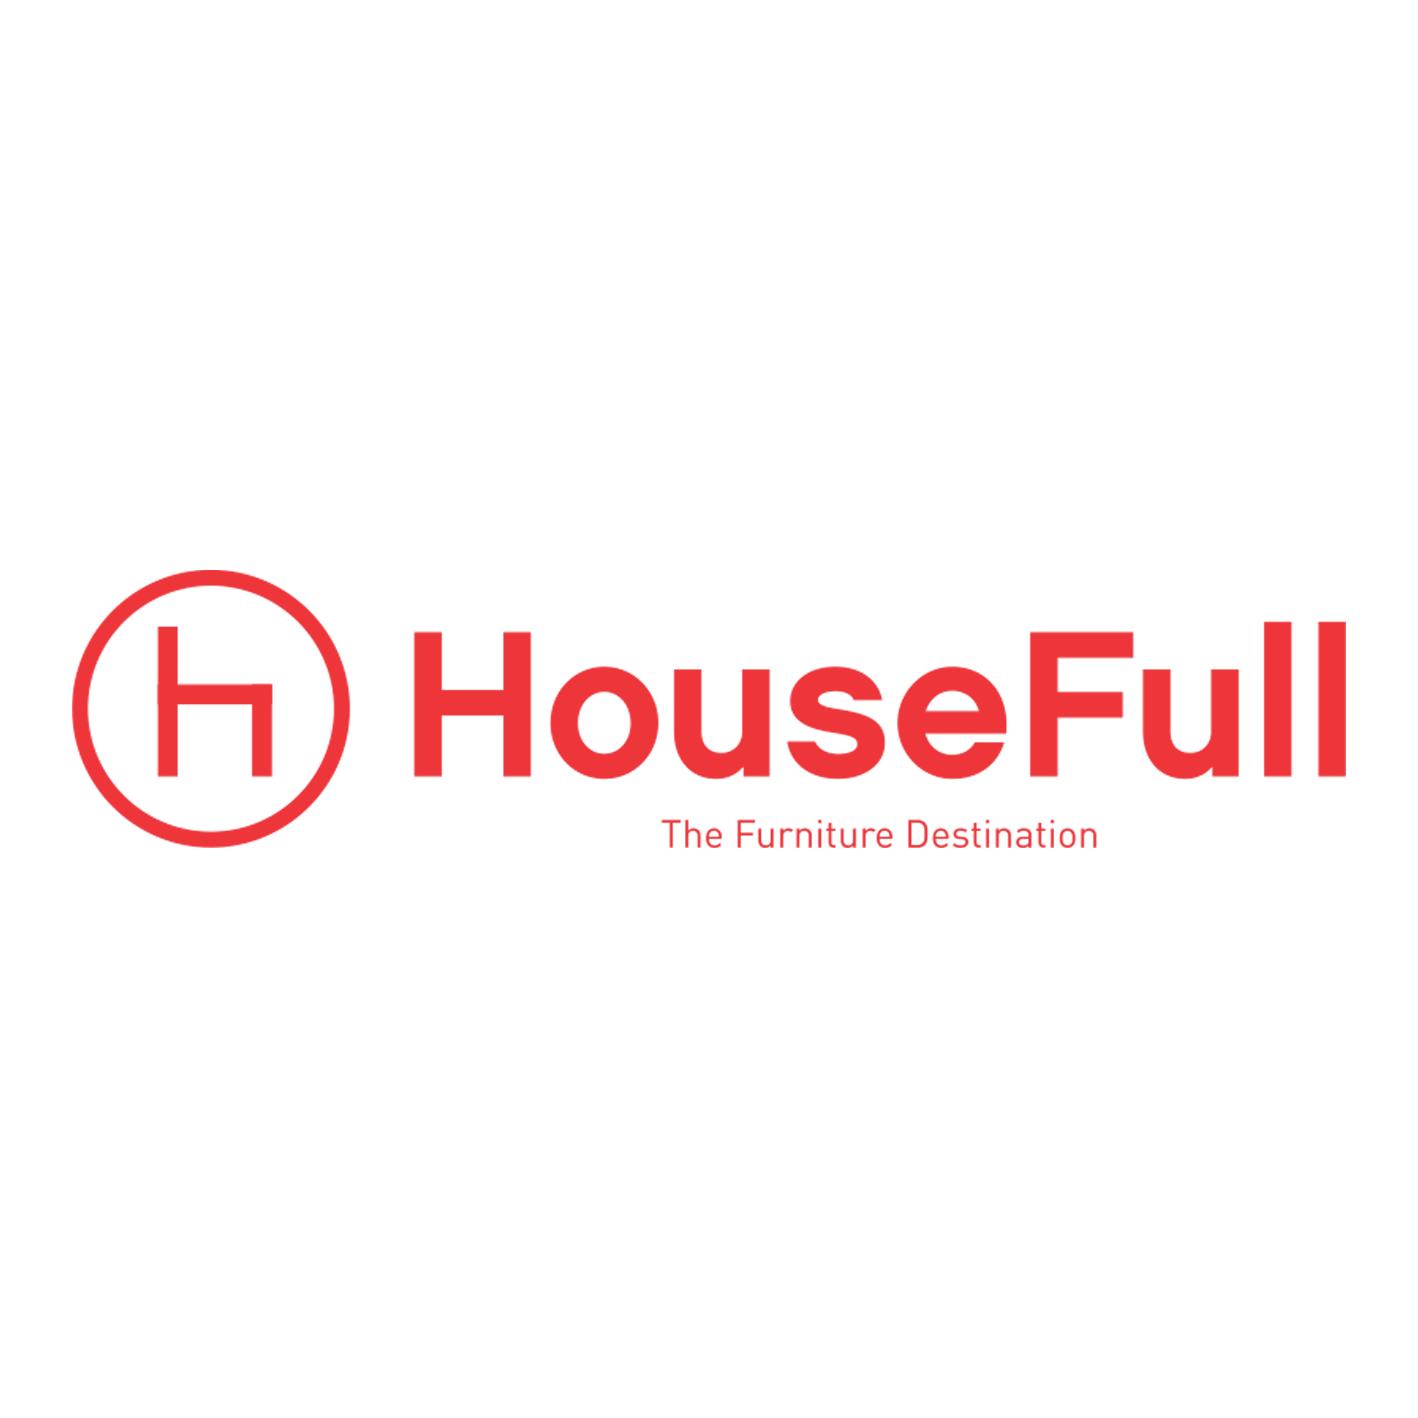 Housefull.com